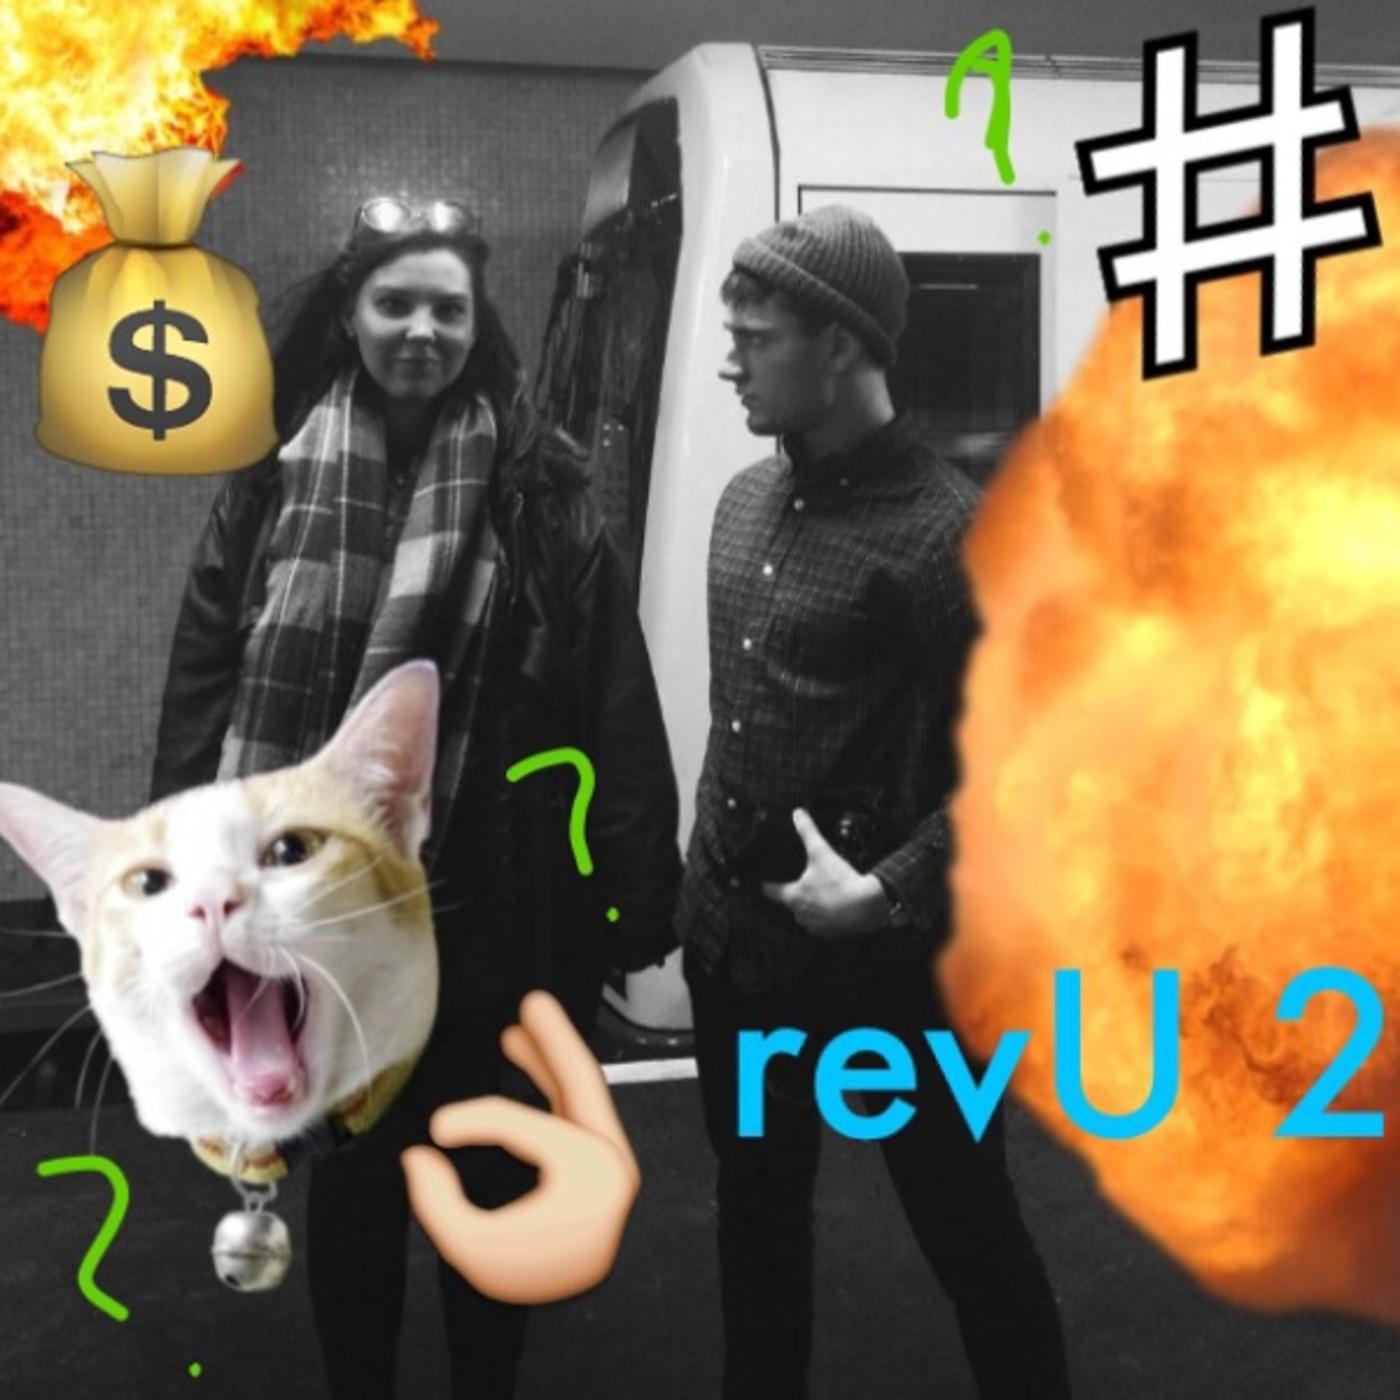 RevU 2